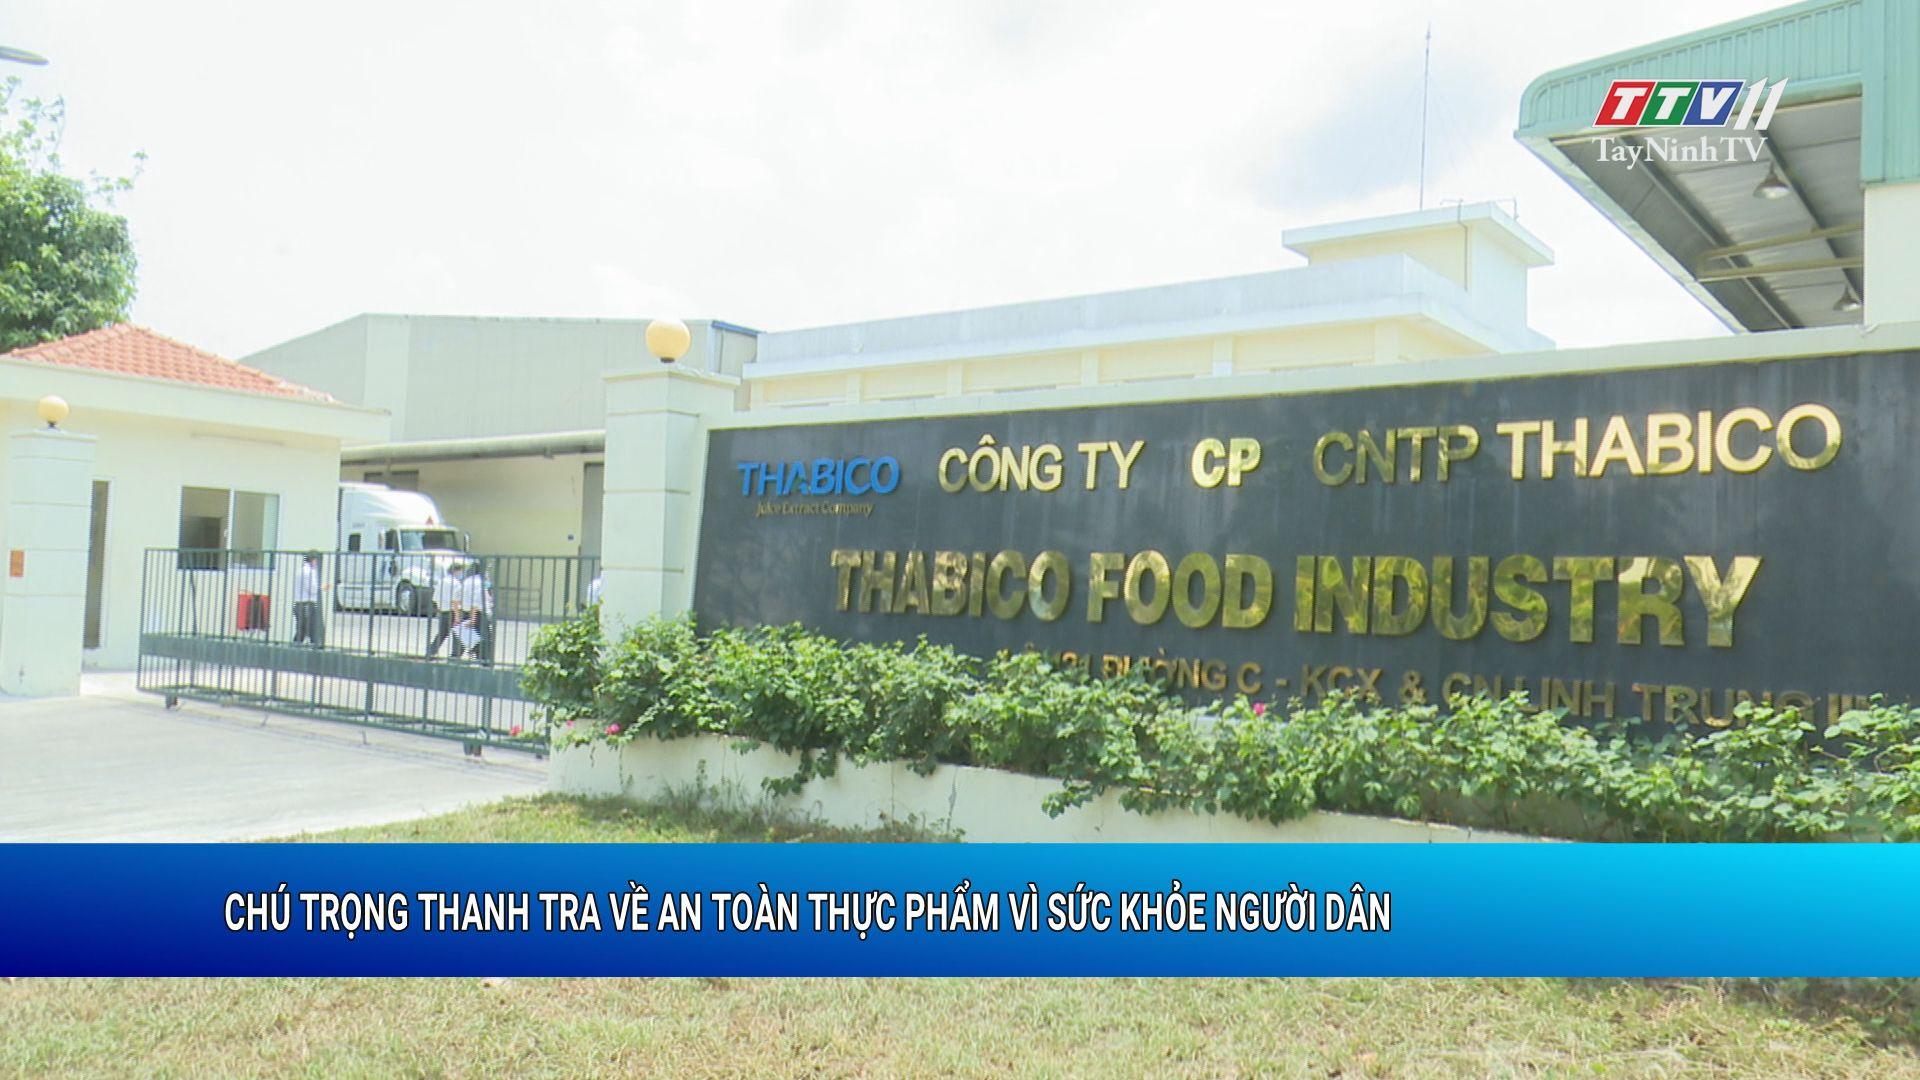 Chú trọng thanh tra về an toàn thực phẩm vì sức khỏe người dân | SỨC KHỎE CHO MỌI NGƯỜI | TayNinhTV